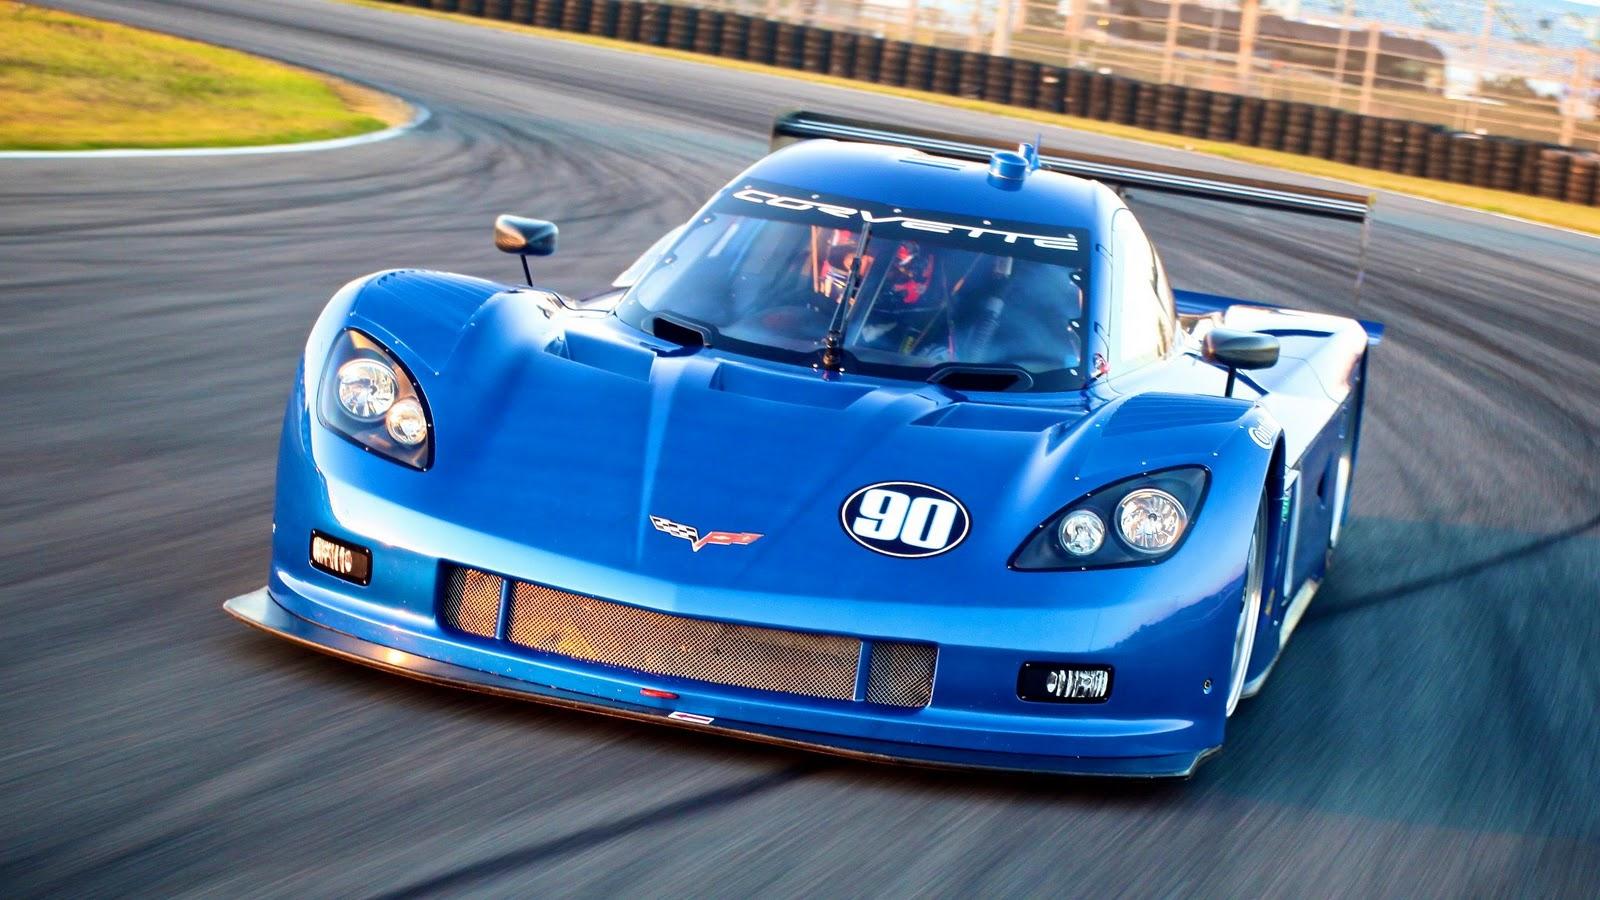 http://1.bp.blogspot.com/-f2mEQzhtDHs/TsWpopmkAQI/AAAAAAAADFc/j71VNwVmBKE/s1600/Corvette+DP+on+track+at+Daytona.jpg